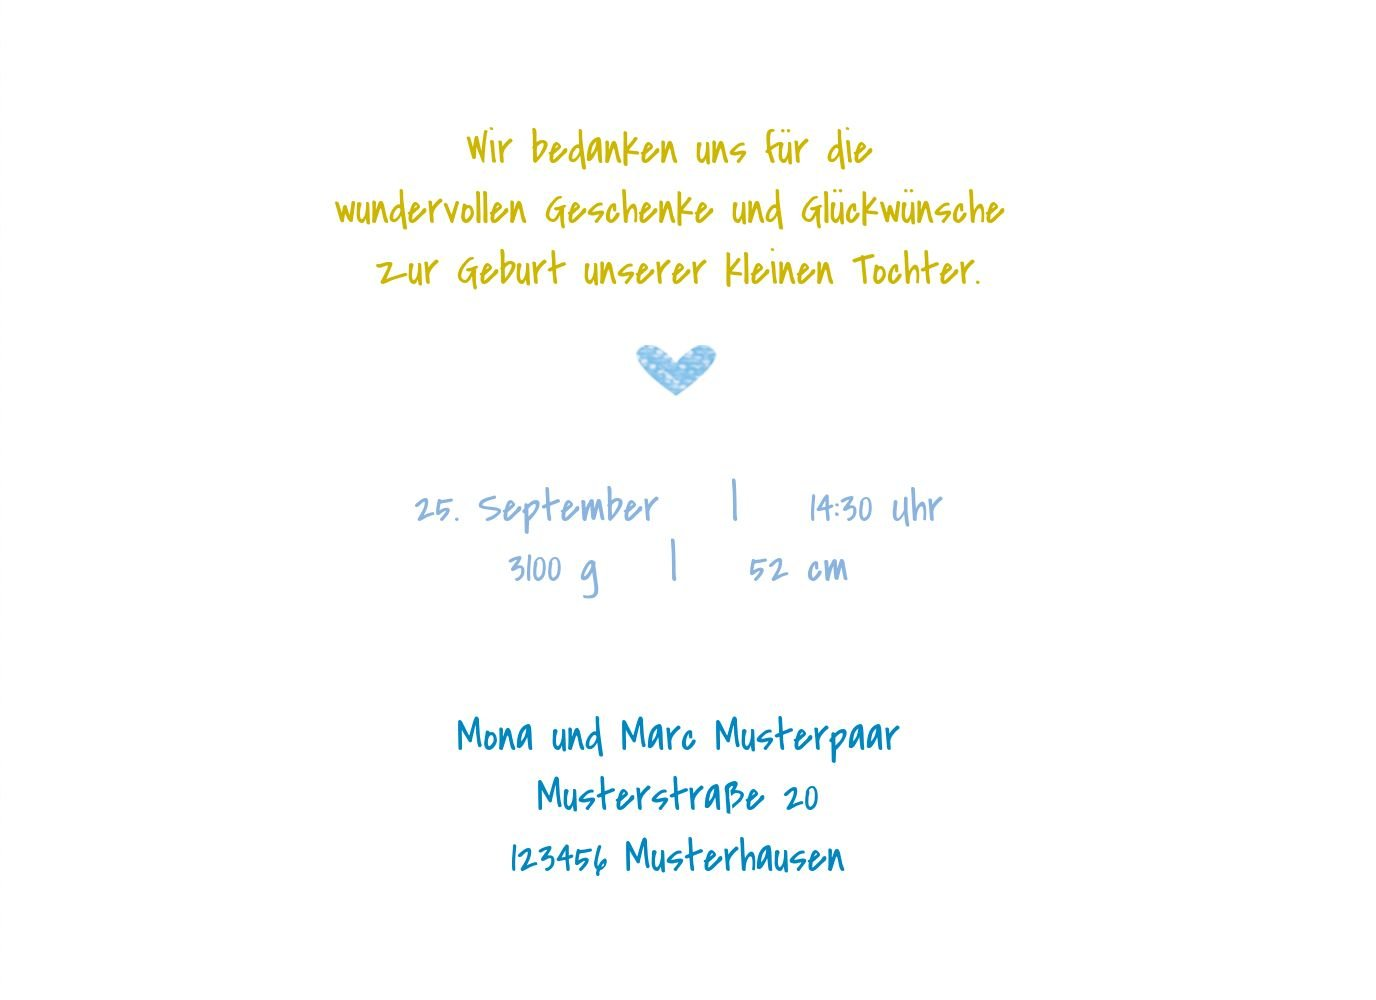 Kartenparadies Danksagung für Geburt Baby Dankeskarte Herzrahmen, hochwertige Danksagungskarte Danksagungskarte Danksagungskarte Baby inklusive Umschläge   100 Karten - (Format  148x105 mm) Farbe  Lila B01N28A5WY | Neuheit  | Einfach zu spielen, freies Leben  | Kaufen Sie onli 062b5b